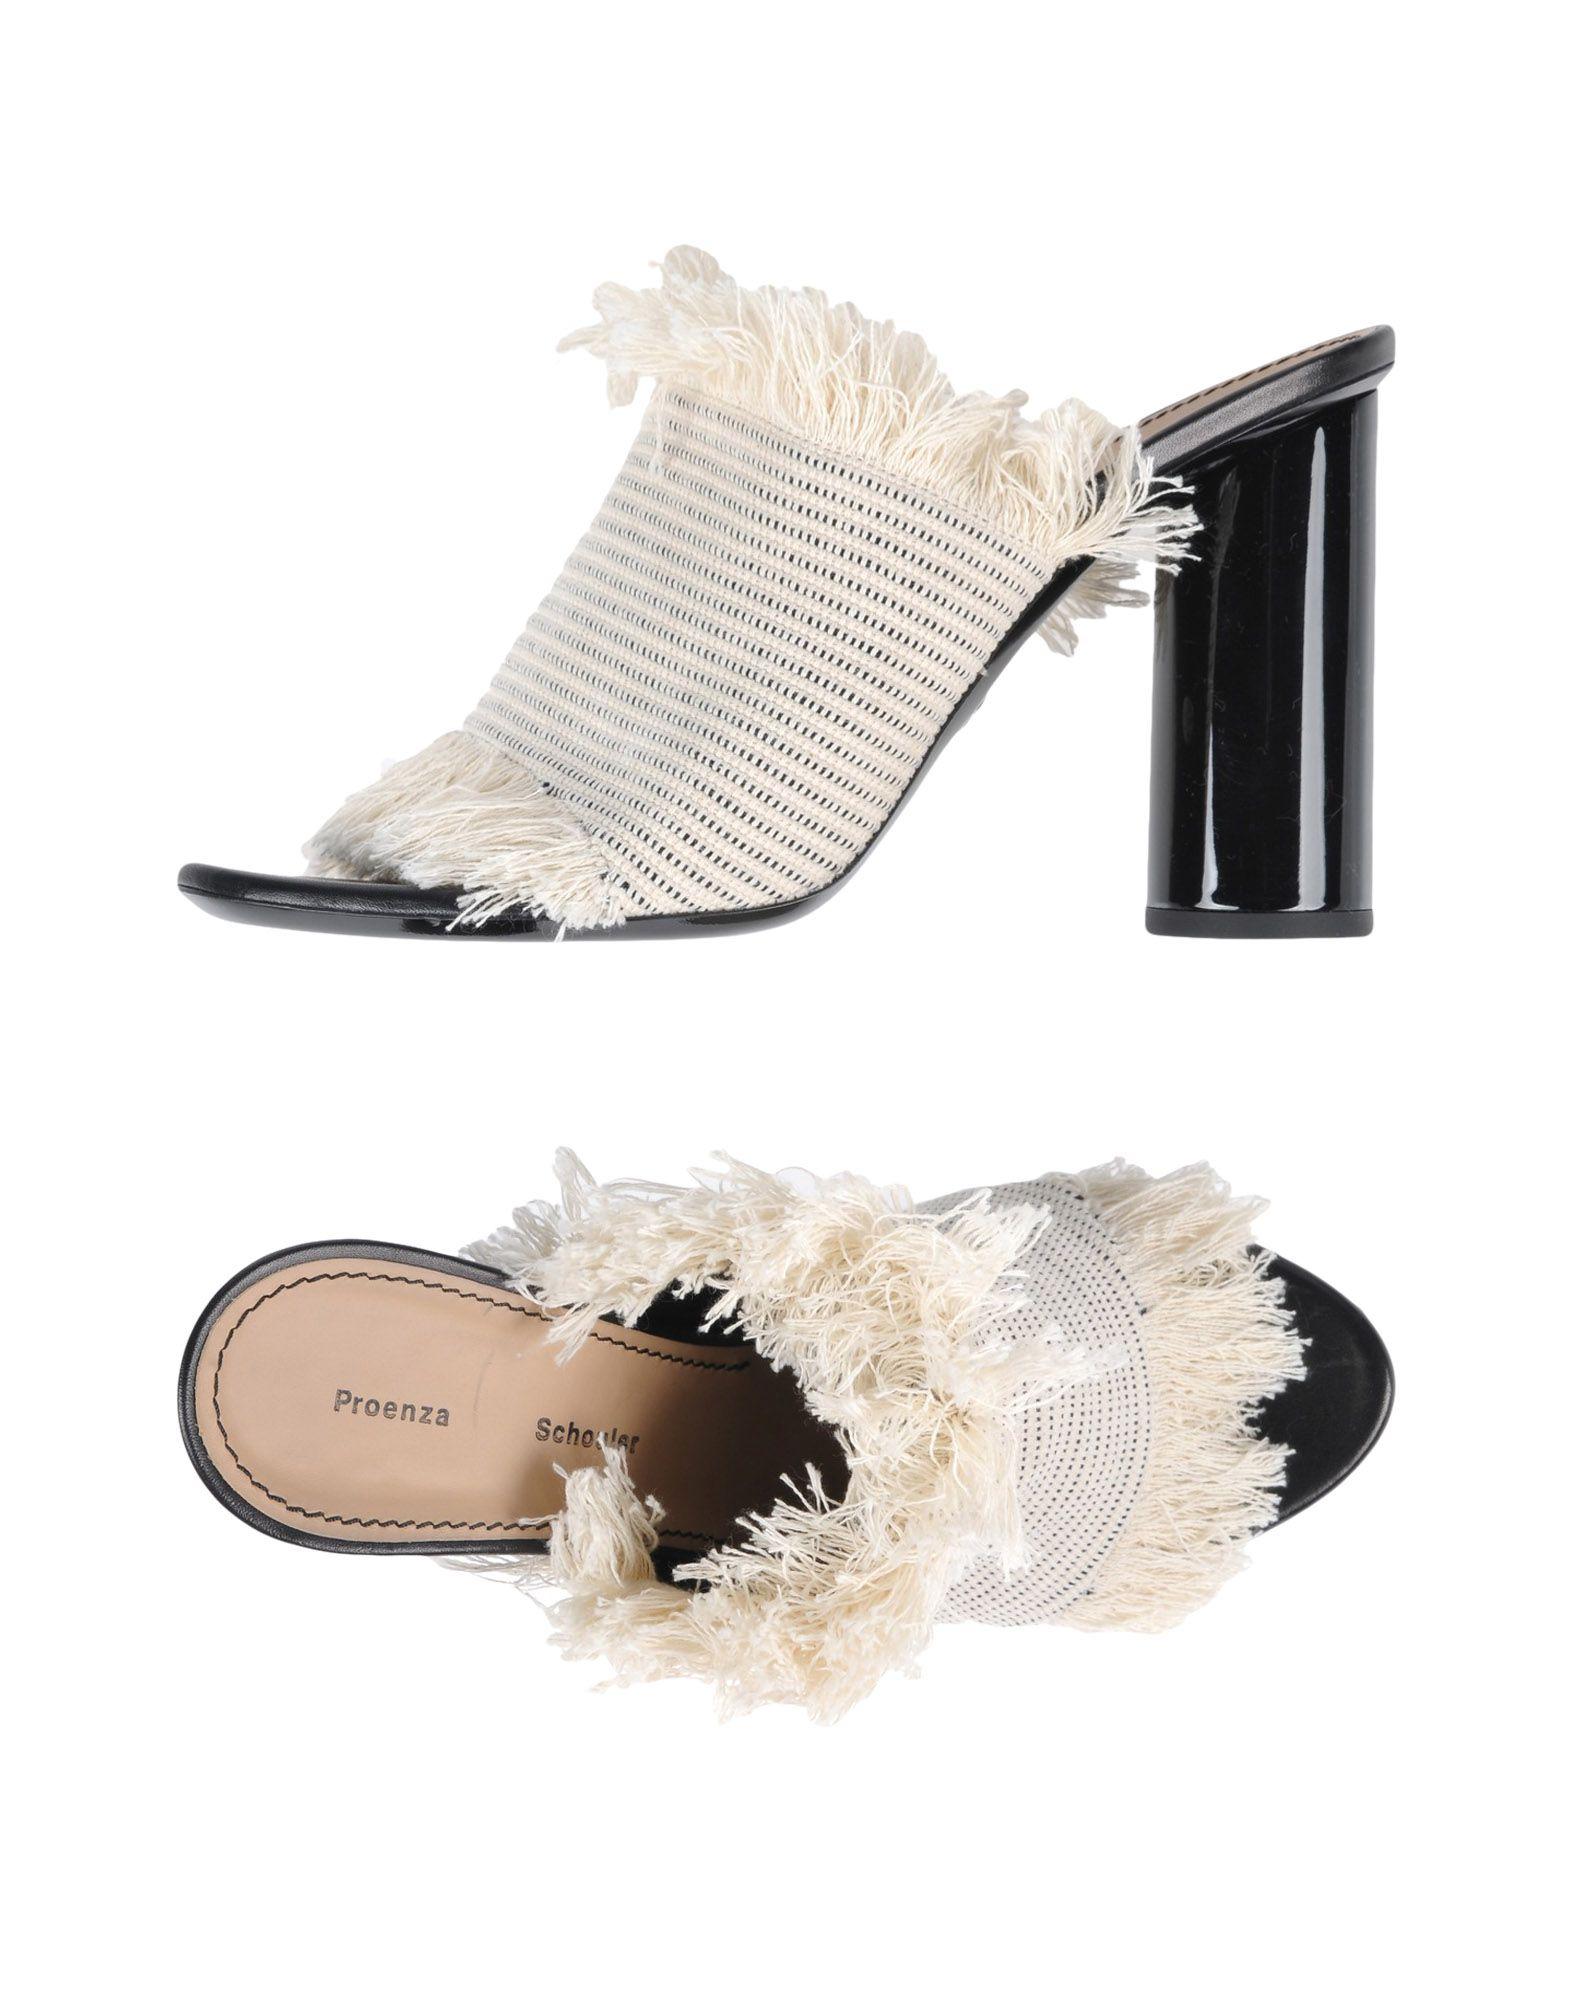 Proenza Schouler Sandals - Women Proenza Schouler Sandals online on 11475566UO  United Kingdom - 11475566UO on 37be78